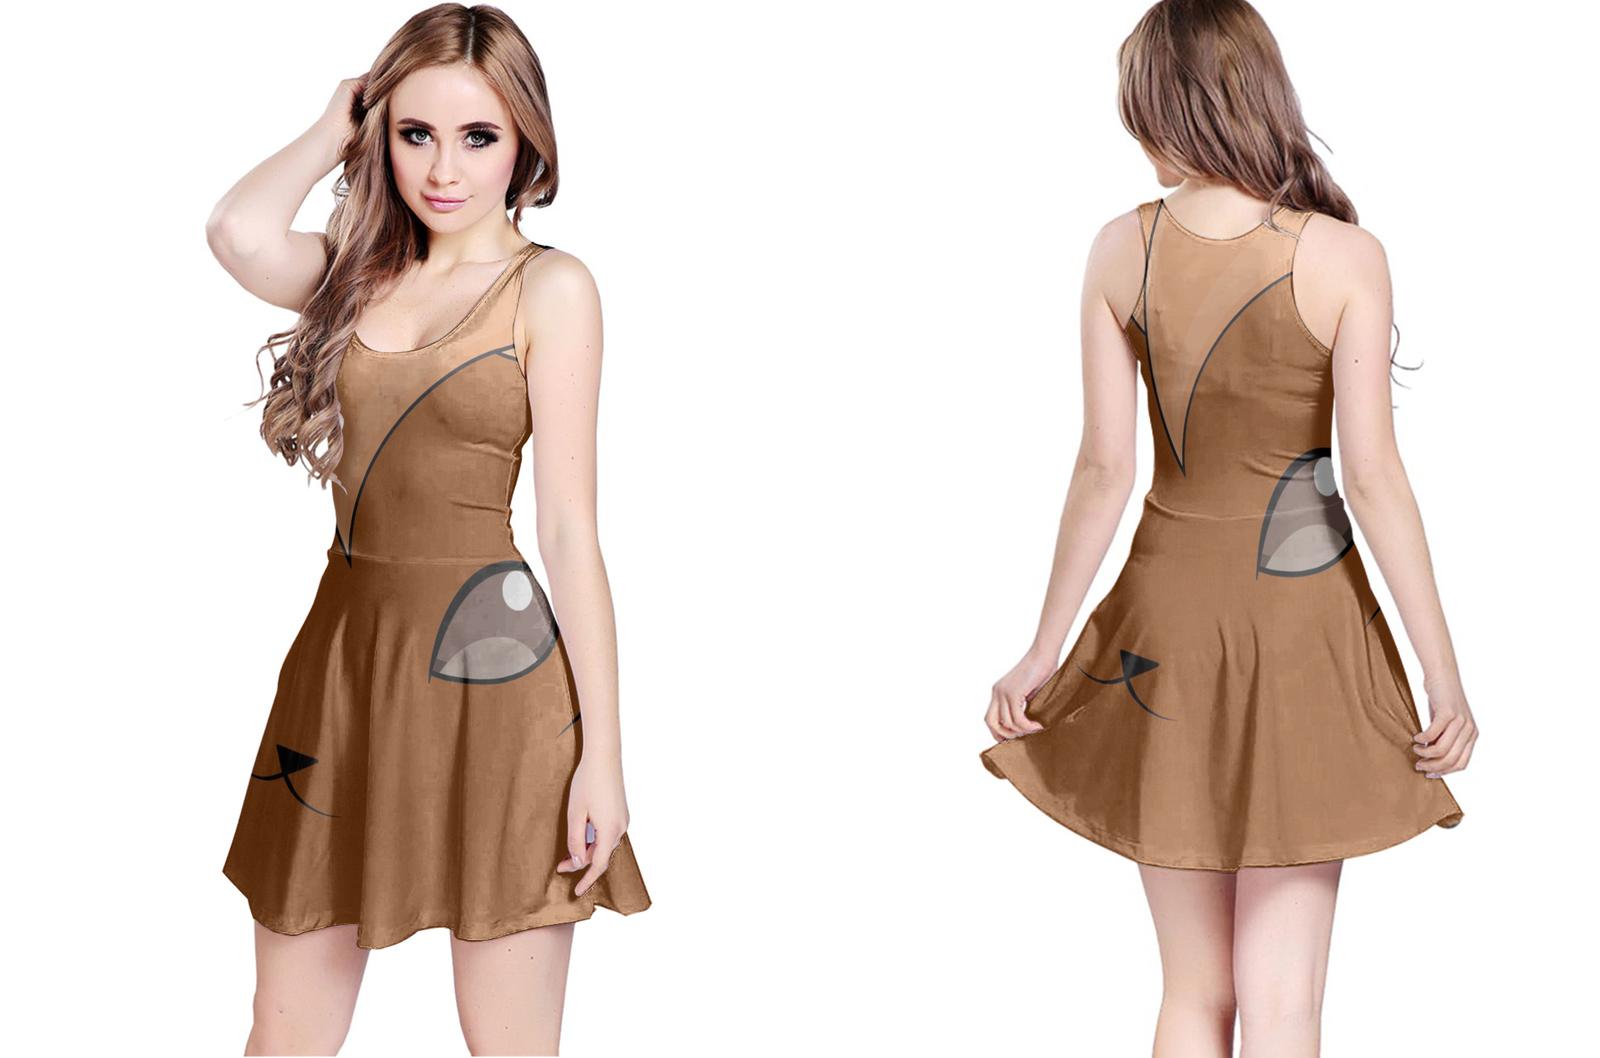 Vulpix reversible dress